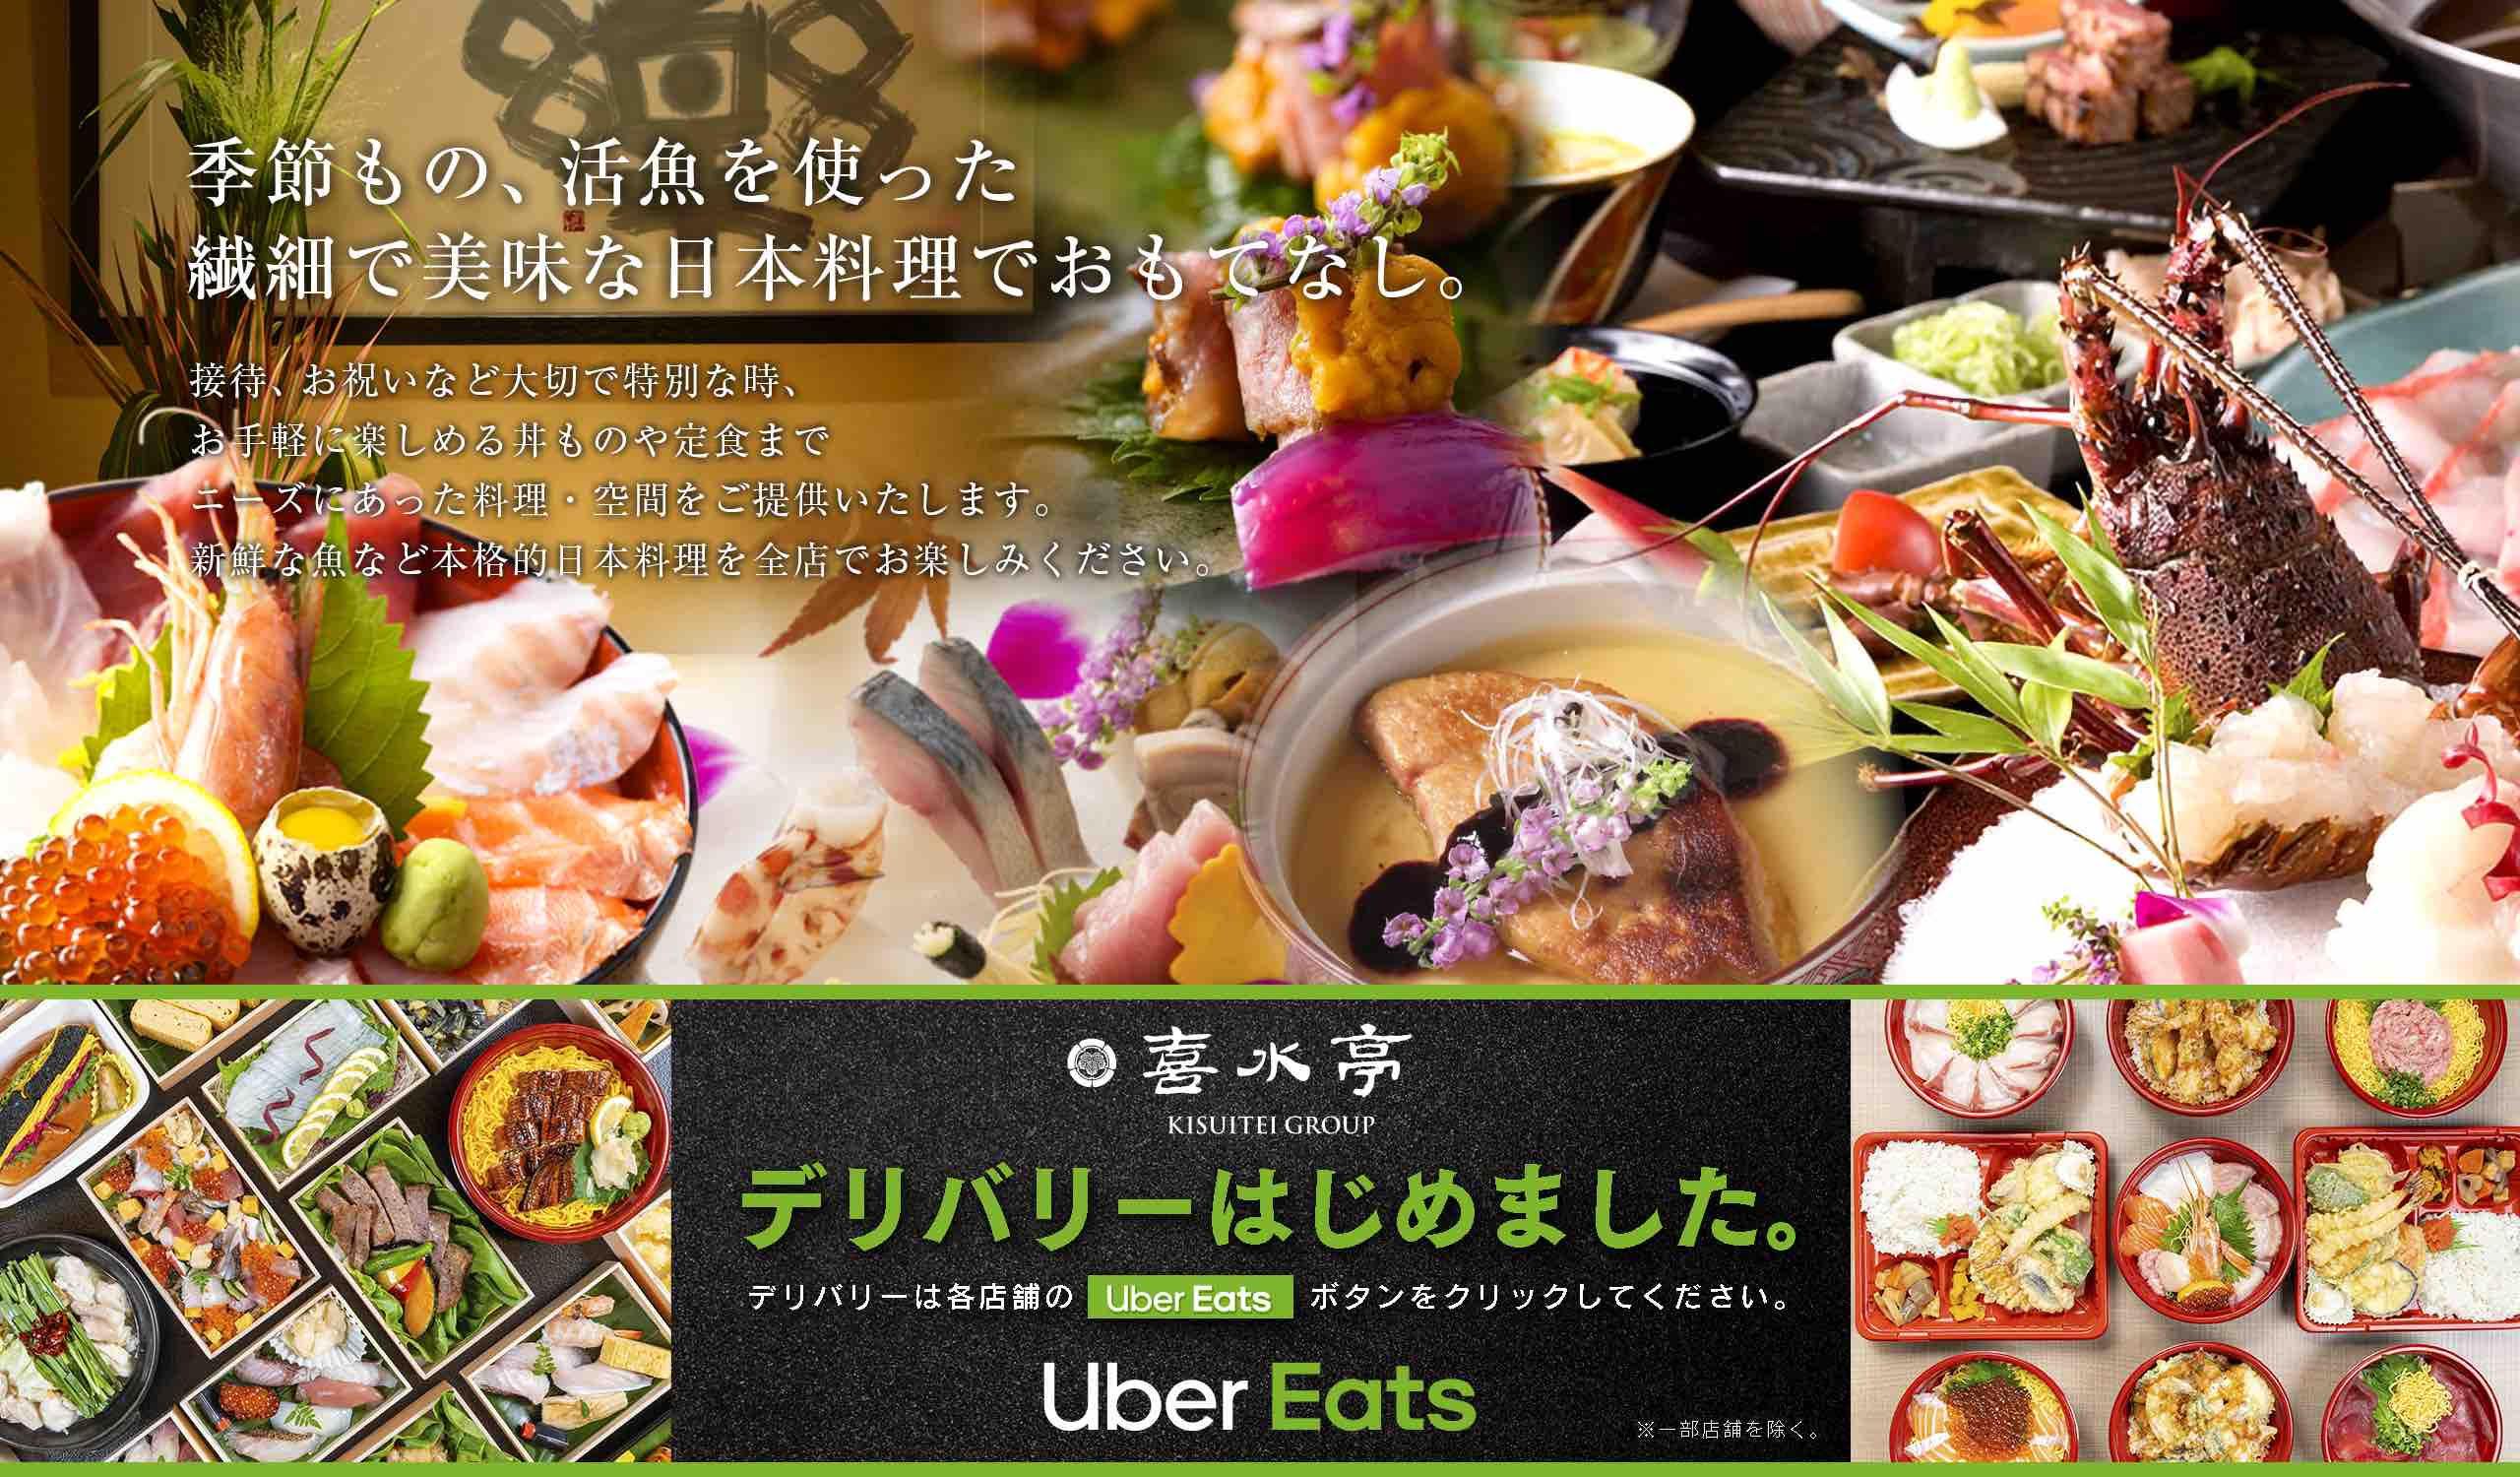 季節もの、活魚を使った繊細で美味な日本料理でおもてなし。接待、お祝いなど大切で特別なとき、お手軽にお楽しめる丼ものや定食までニーズにあった料理・空間をご提供いたします。新鮮な魚など本格的日本料理を全店でお楽しみください。